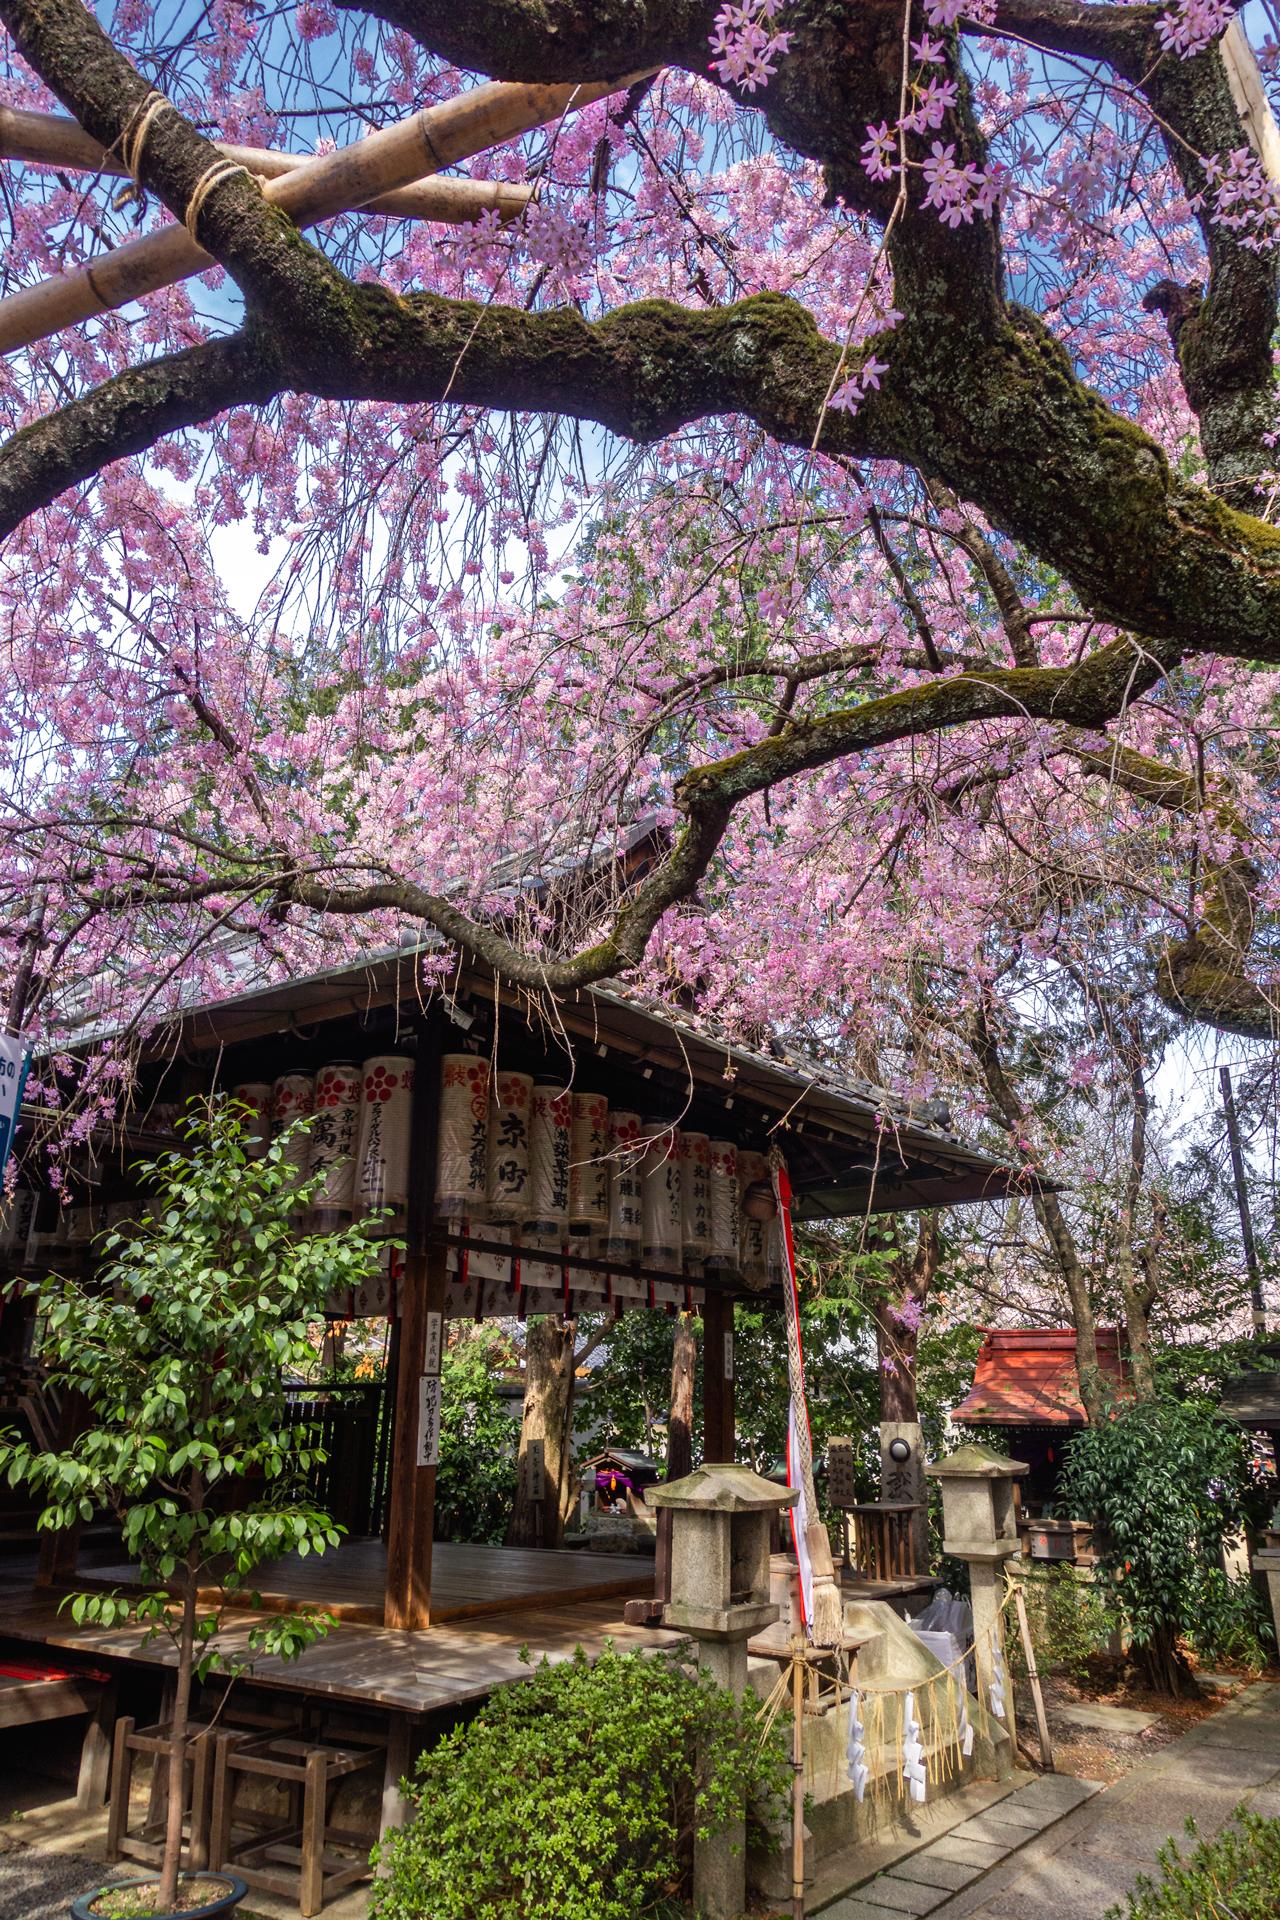 DSC05142 京都府 水火天満宮(境内に咲く紅枝垂桜が美しいおすすめの桜スポット! 写真の紹介、アクセス情報など)